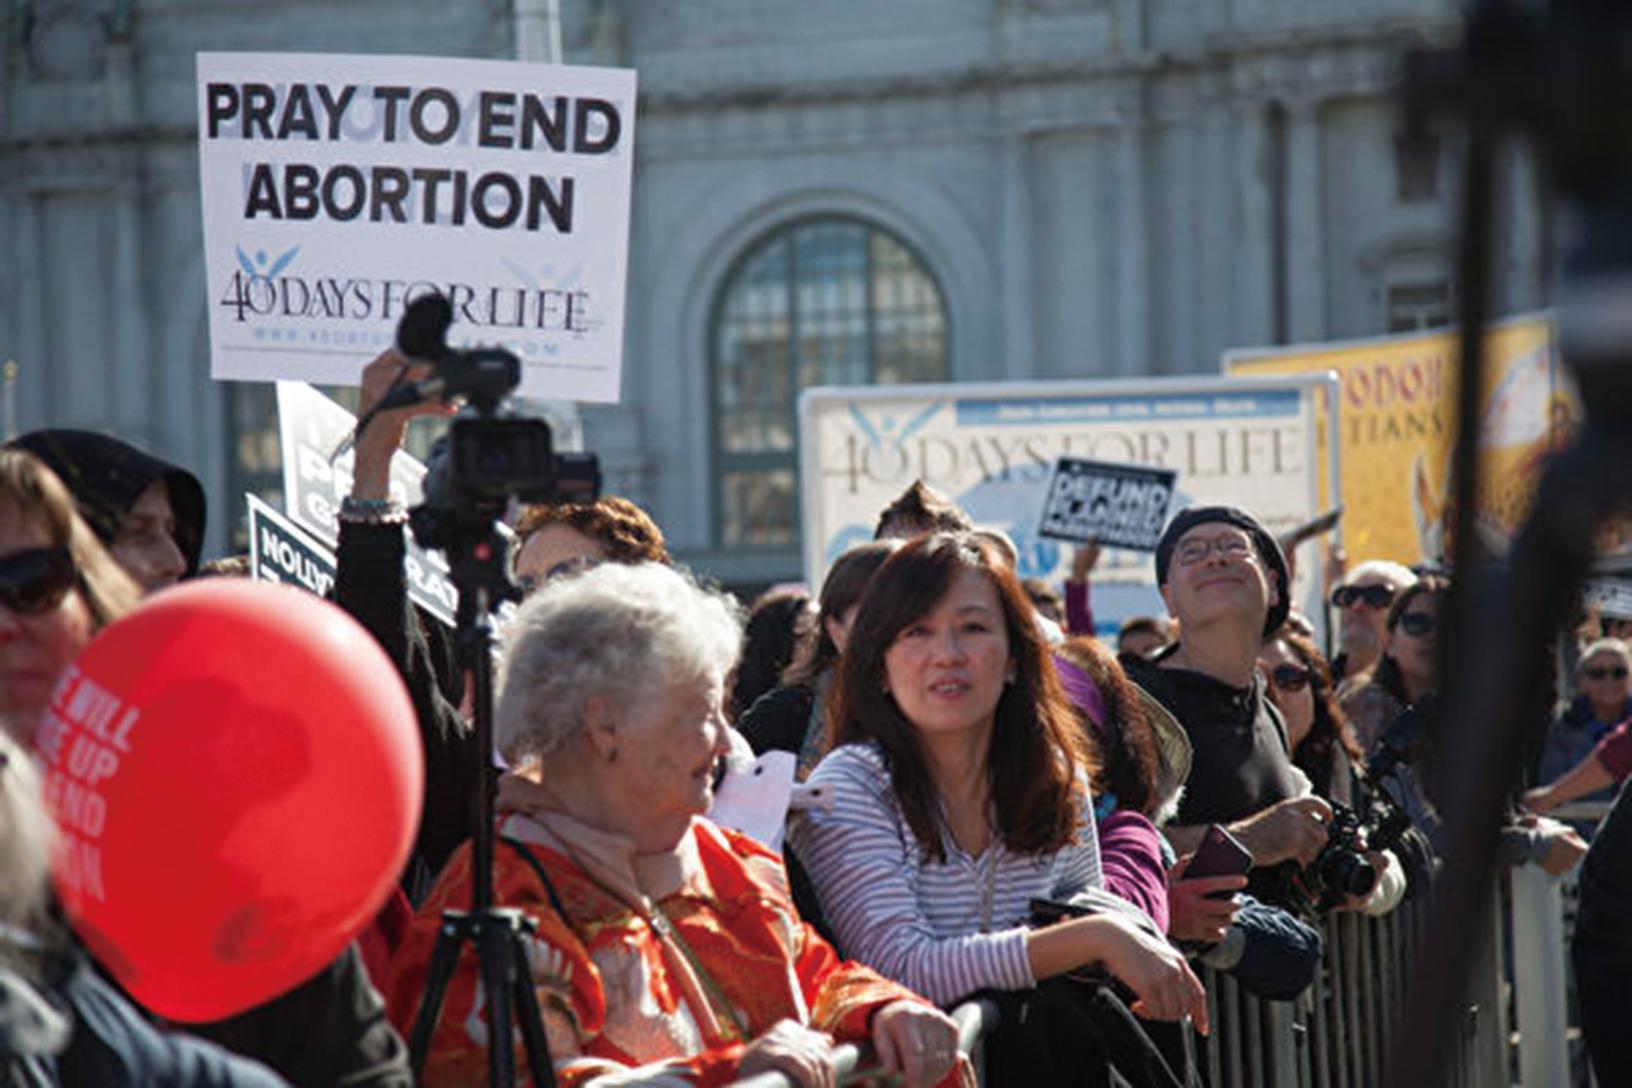 新民意調查發現,約有47%的美國受訪者反對墮胎。圖為2019年1月26日,來自美國西海岸各地逾5萬人在舊金山舉行「為生命奔走」反墮胎遊行。(周鳳臨/大紀元)